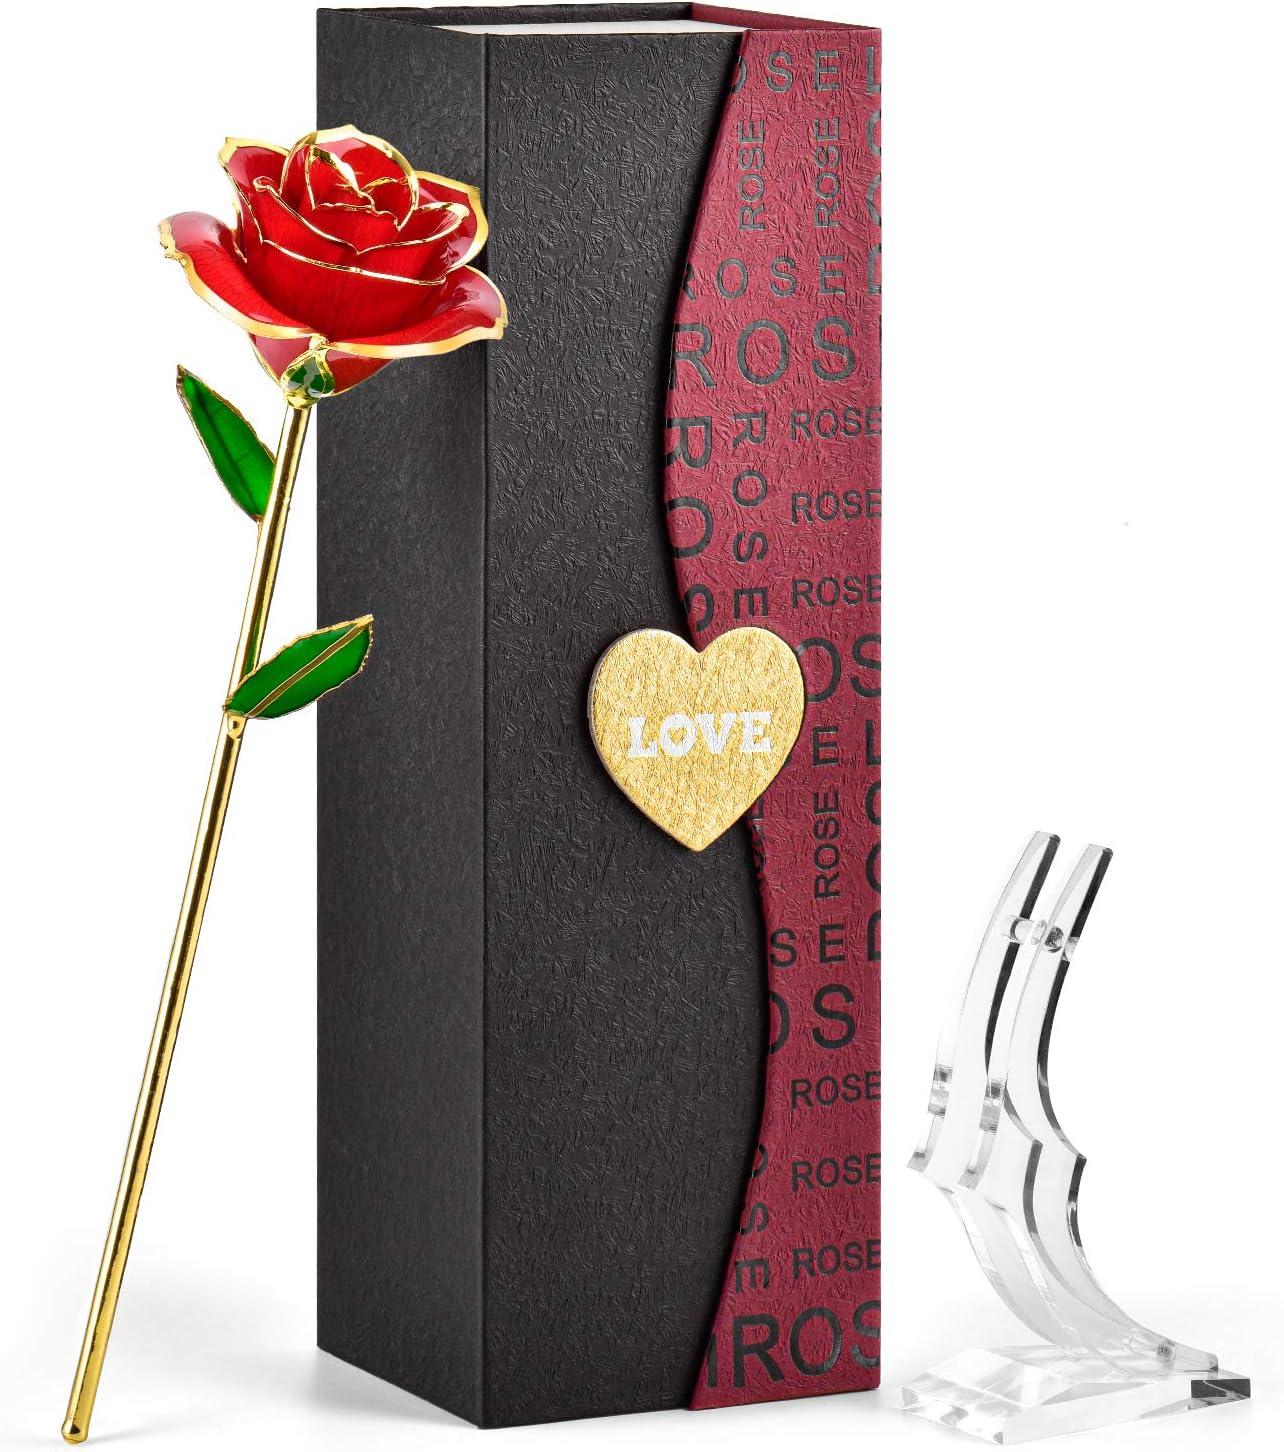 FORGIFTING Rosa Eterna, Flor Rosa de Oro de 24K - Regalos Originales para Mujer Ella Madre Novia Abuela en San Valentín, Sant Jordi, Día de la Madre, Aniversario, Boda, Cumpleaños (Rosa Roja+Soporte)